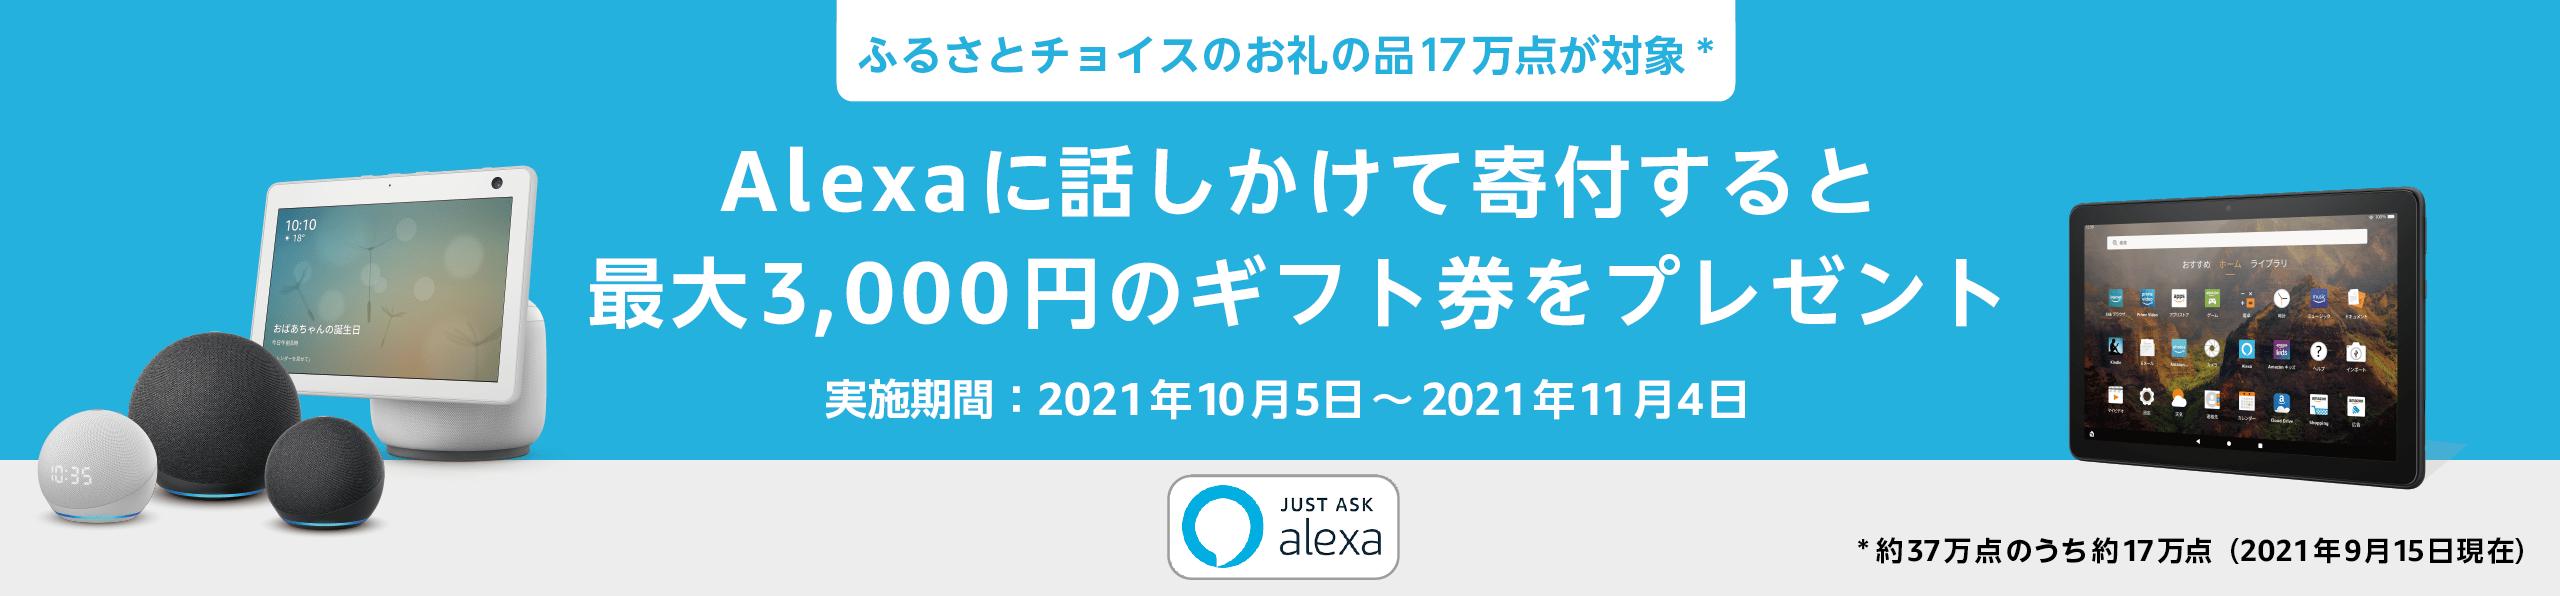 Alexaに話しかけて寄付すると最大3,000円のギフト券をプレゼント